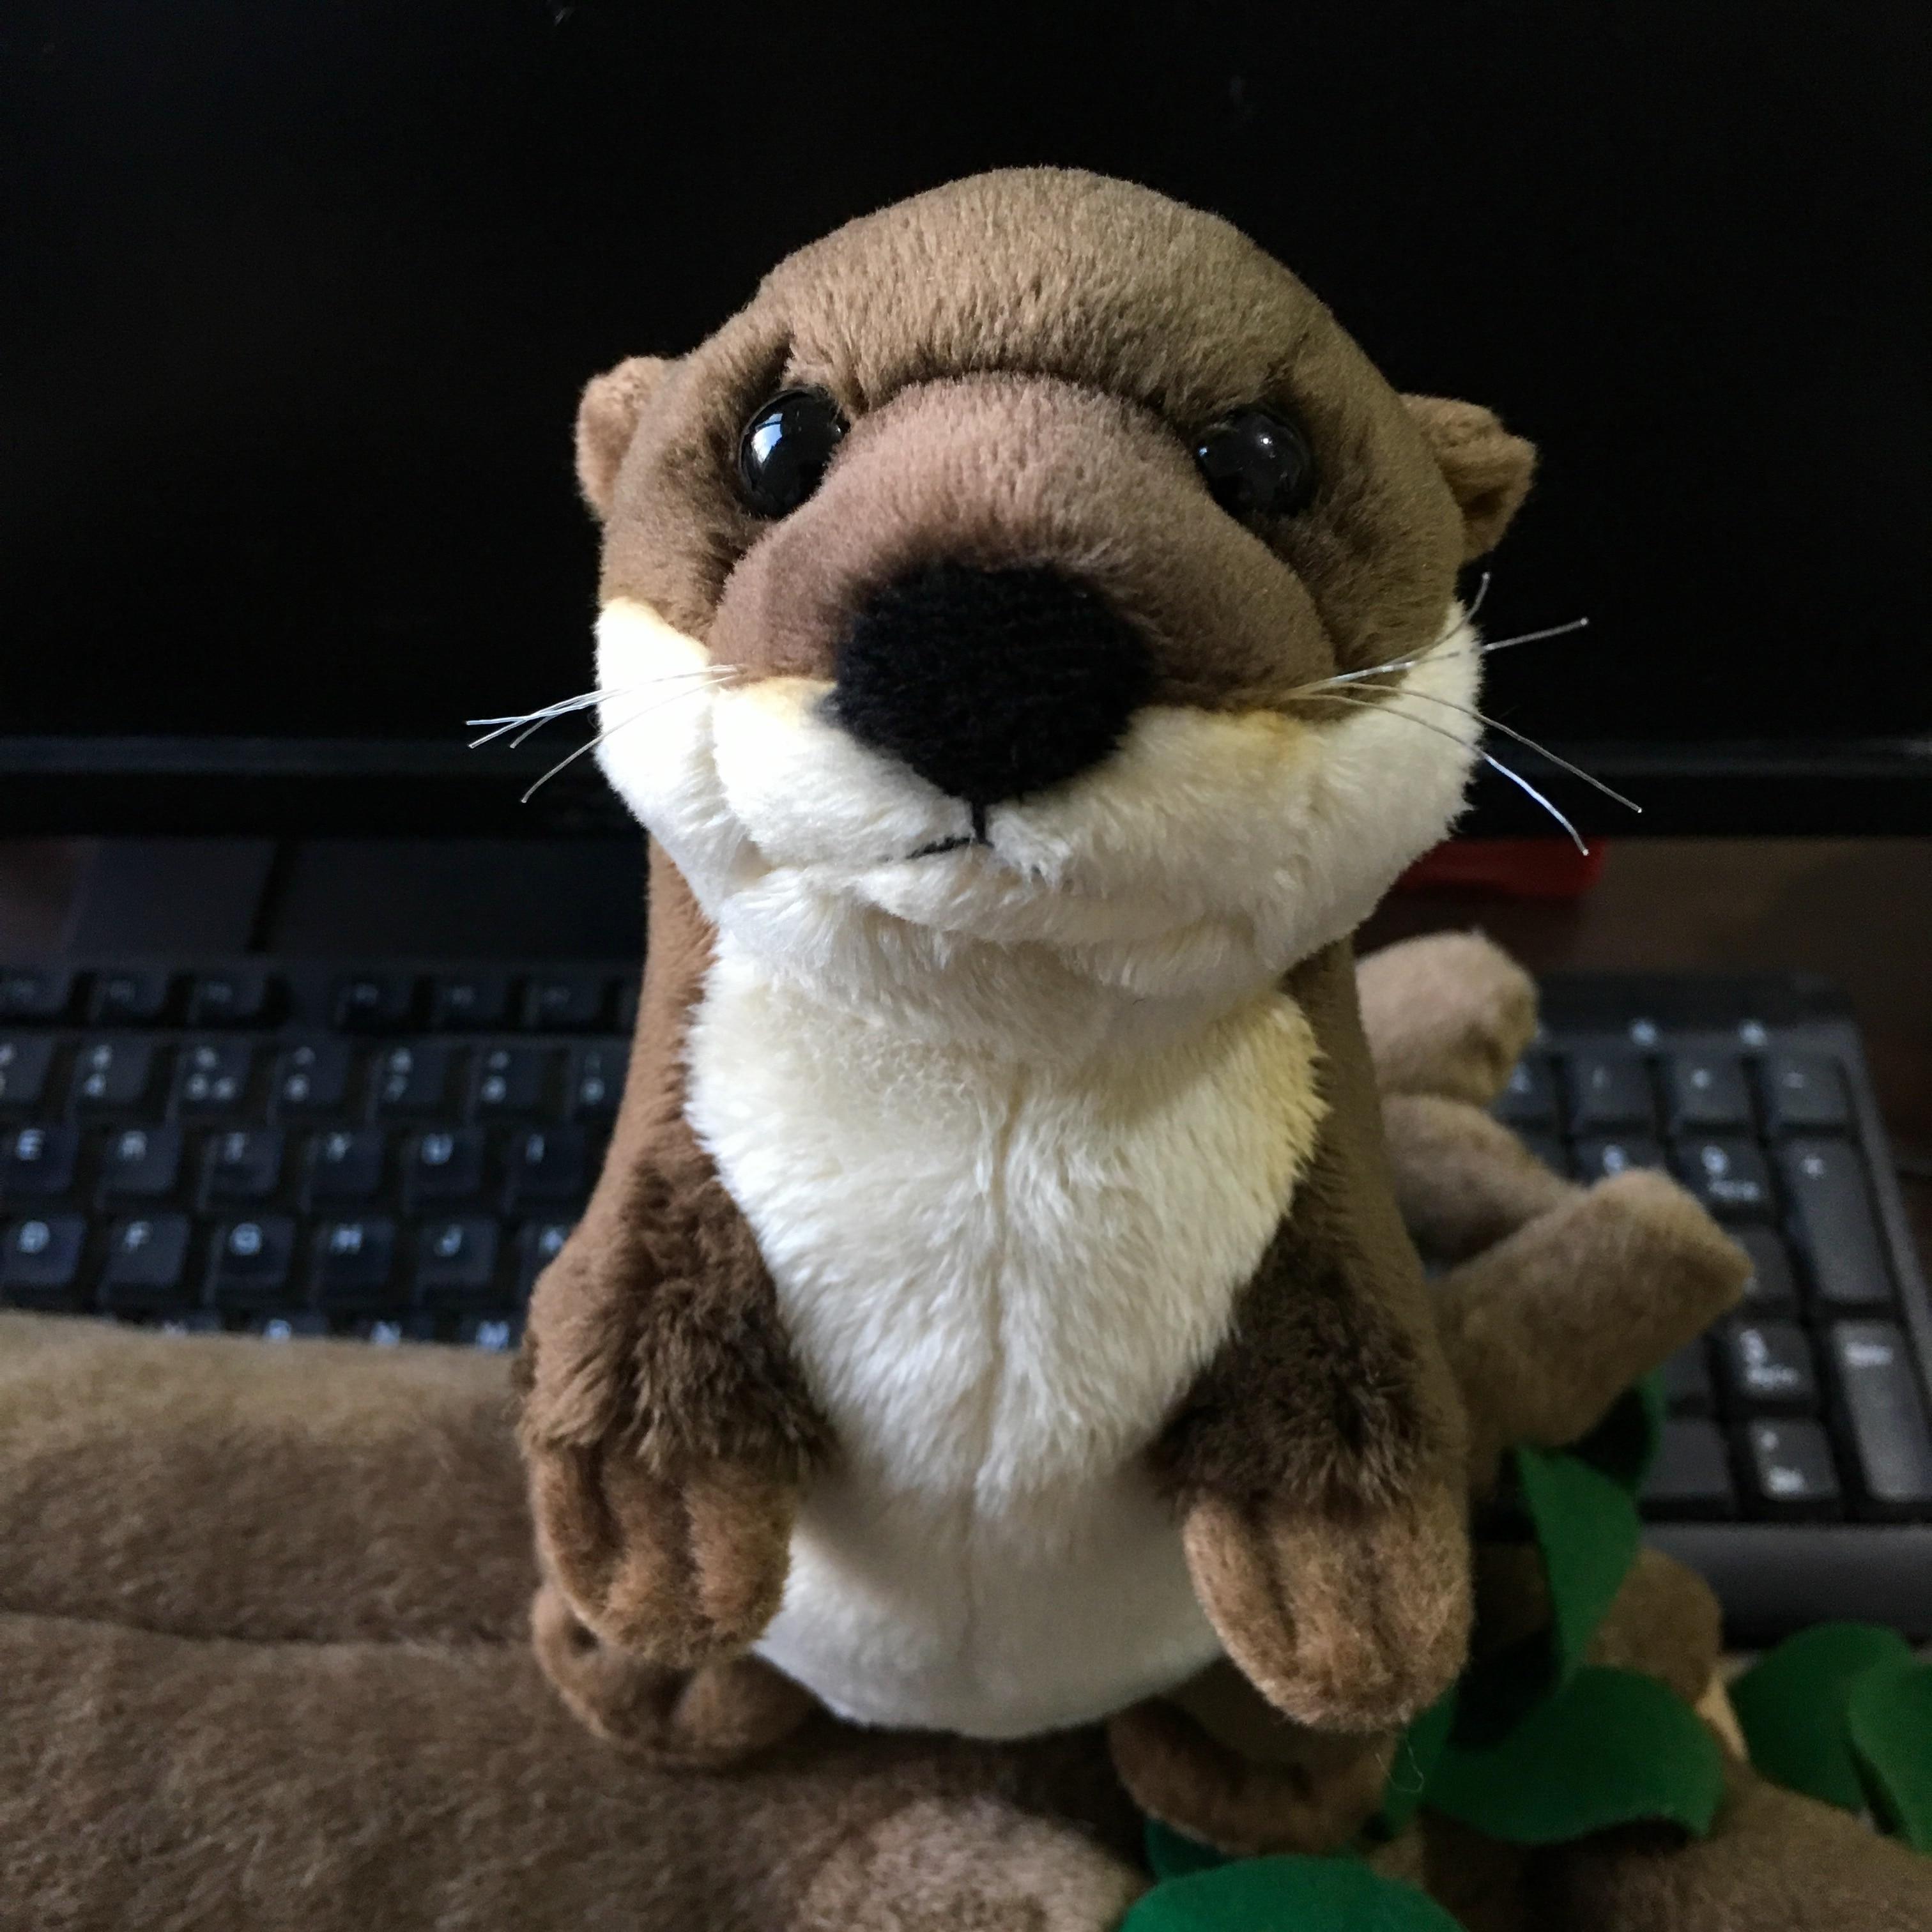 20cm da vida real eurasian rio lontra brinquedo de pelúcia realista animais selvagens brinquedos de pelúcia lifelike macio otters brinquedo presente para crianças